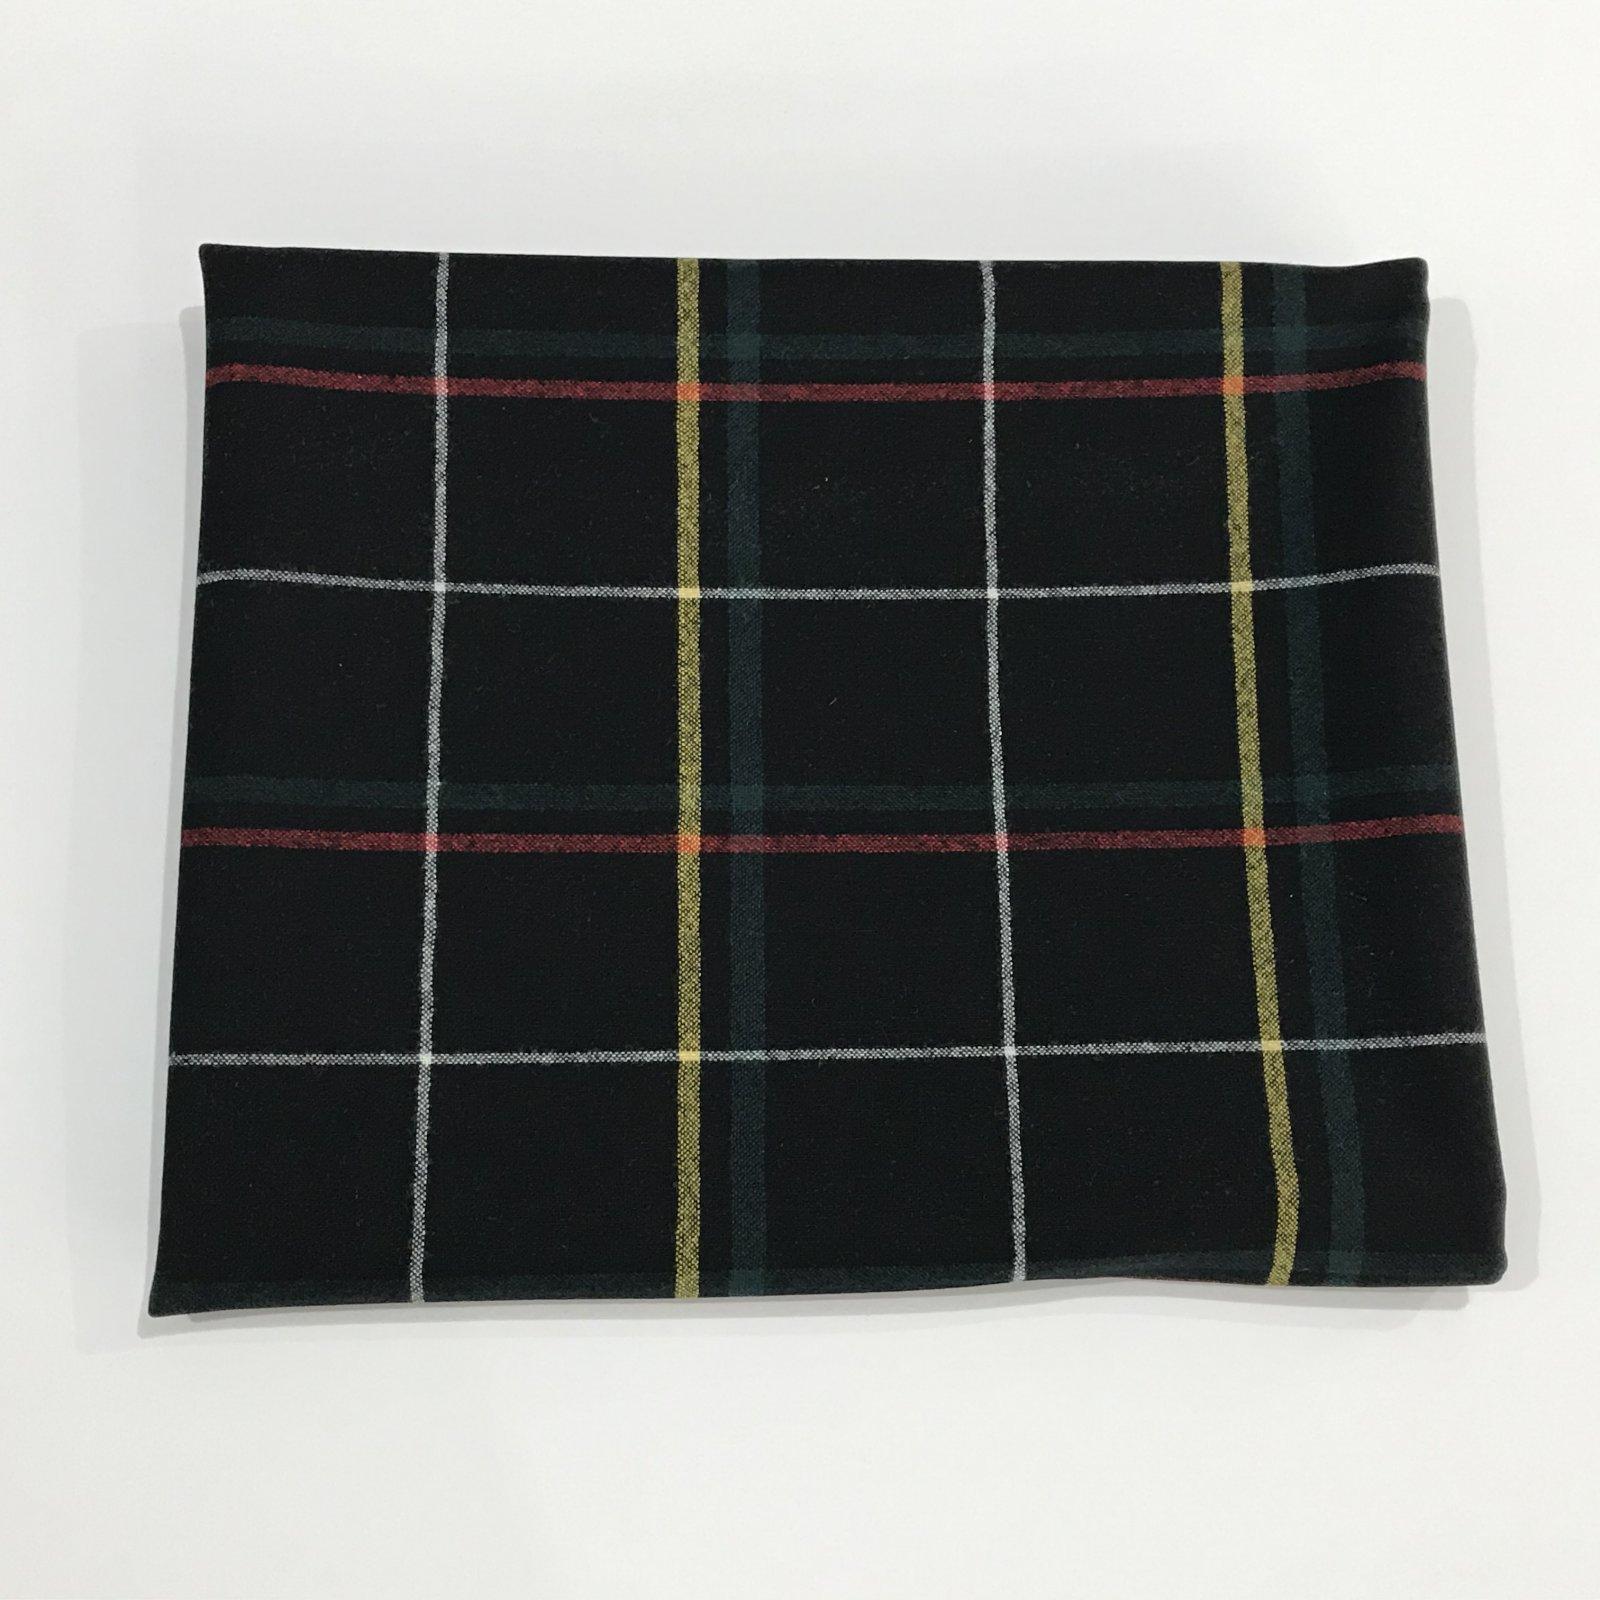 Pendleton (TM) Wool - Navy Window Pane - 1 3/8 yards